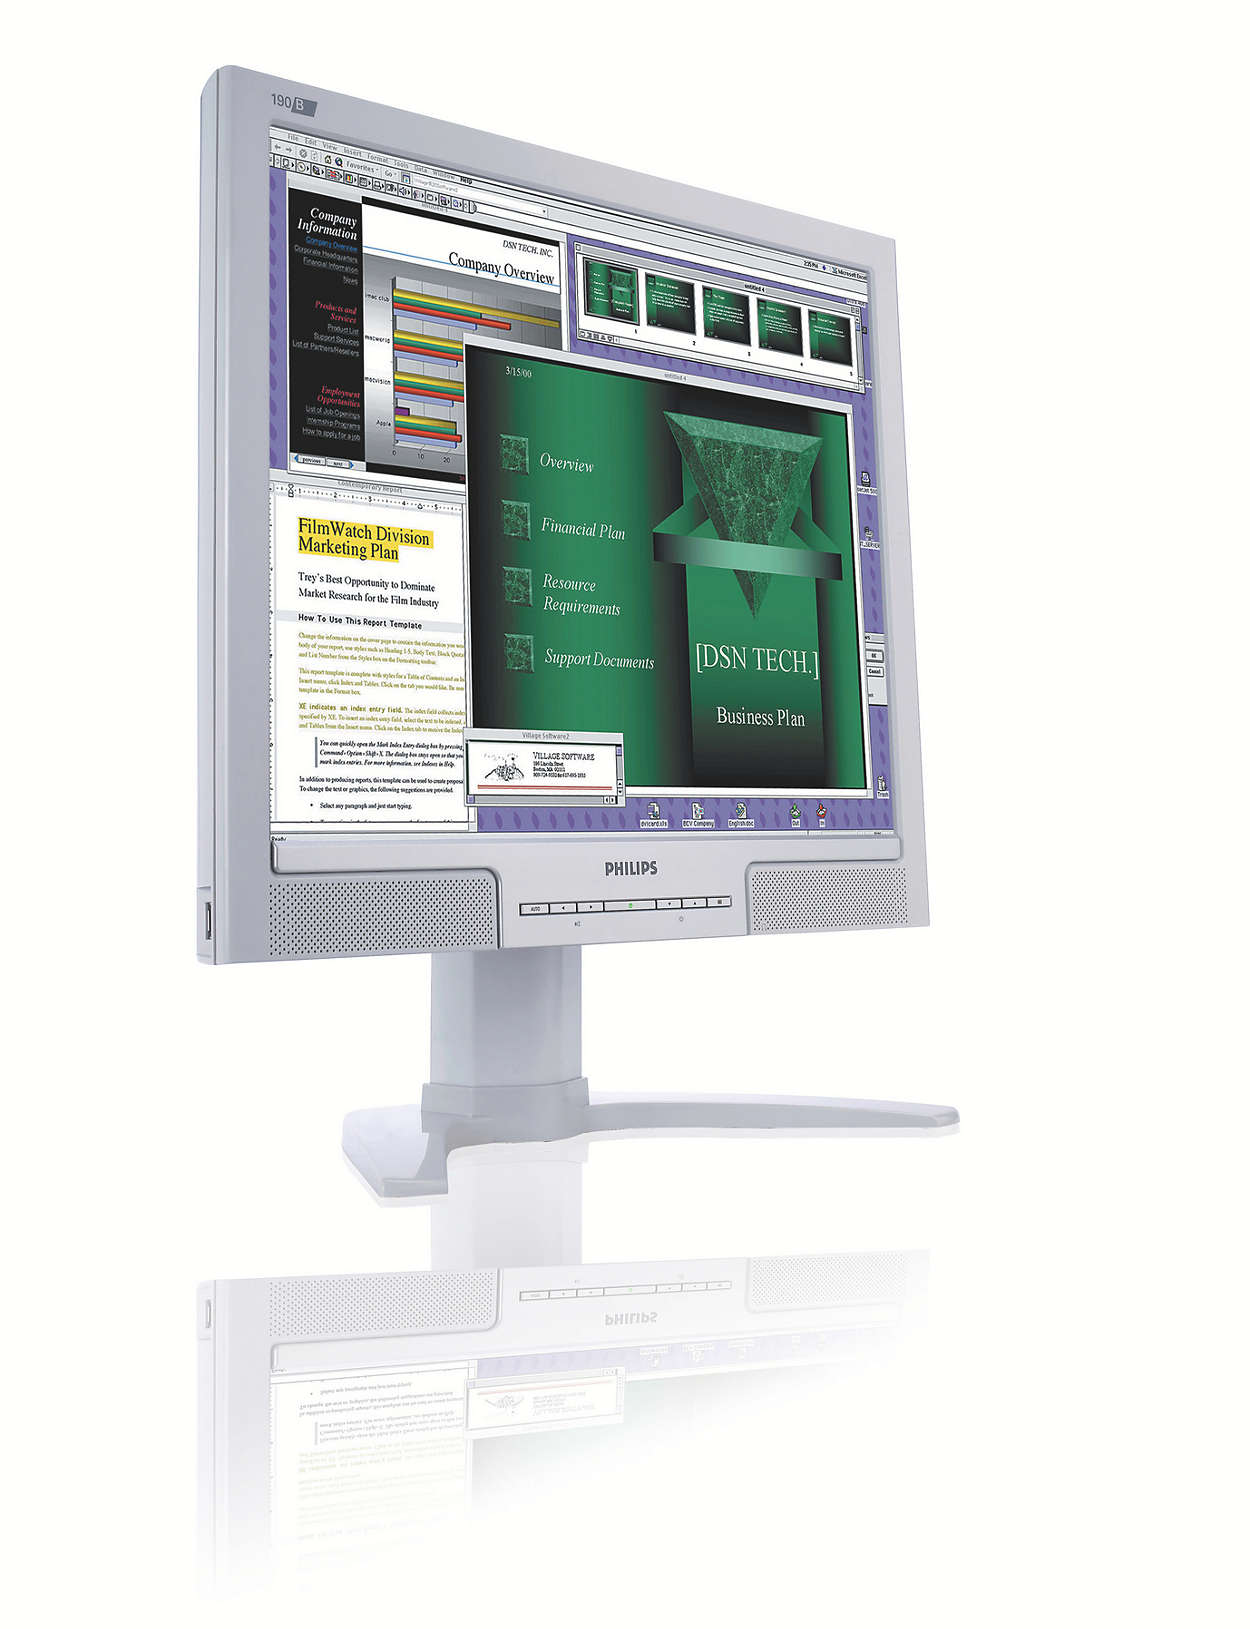 方便易用的大屏幕顯示器,為你提高效率